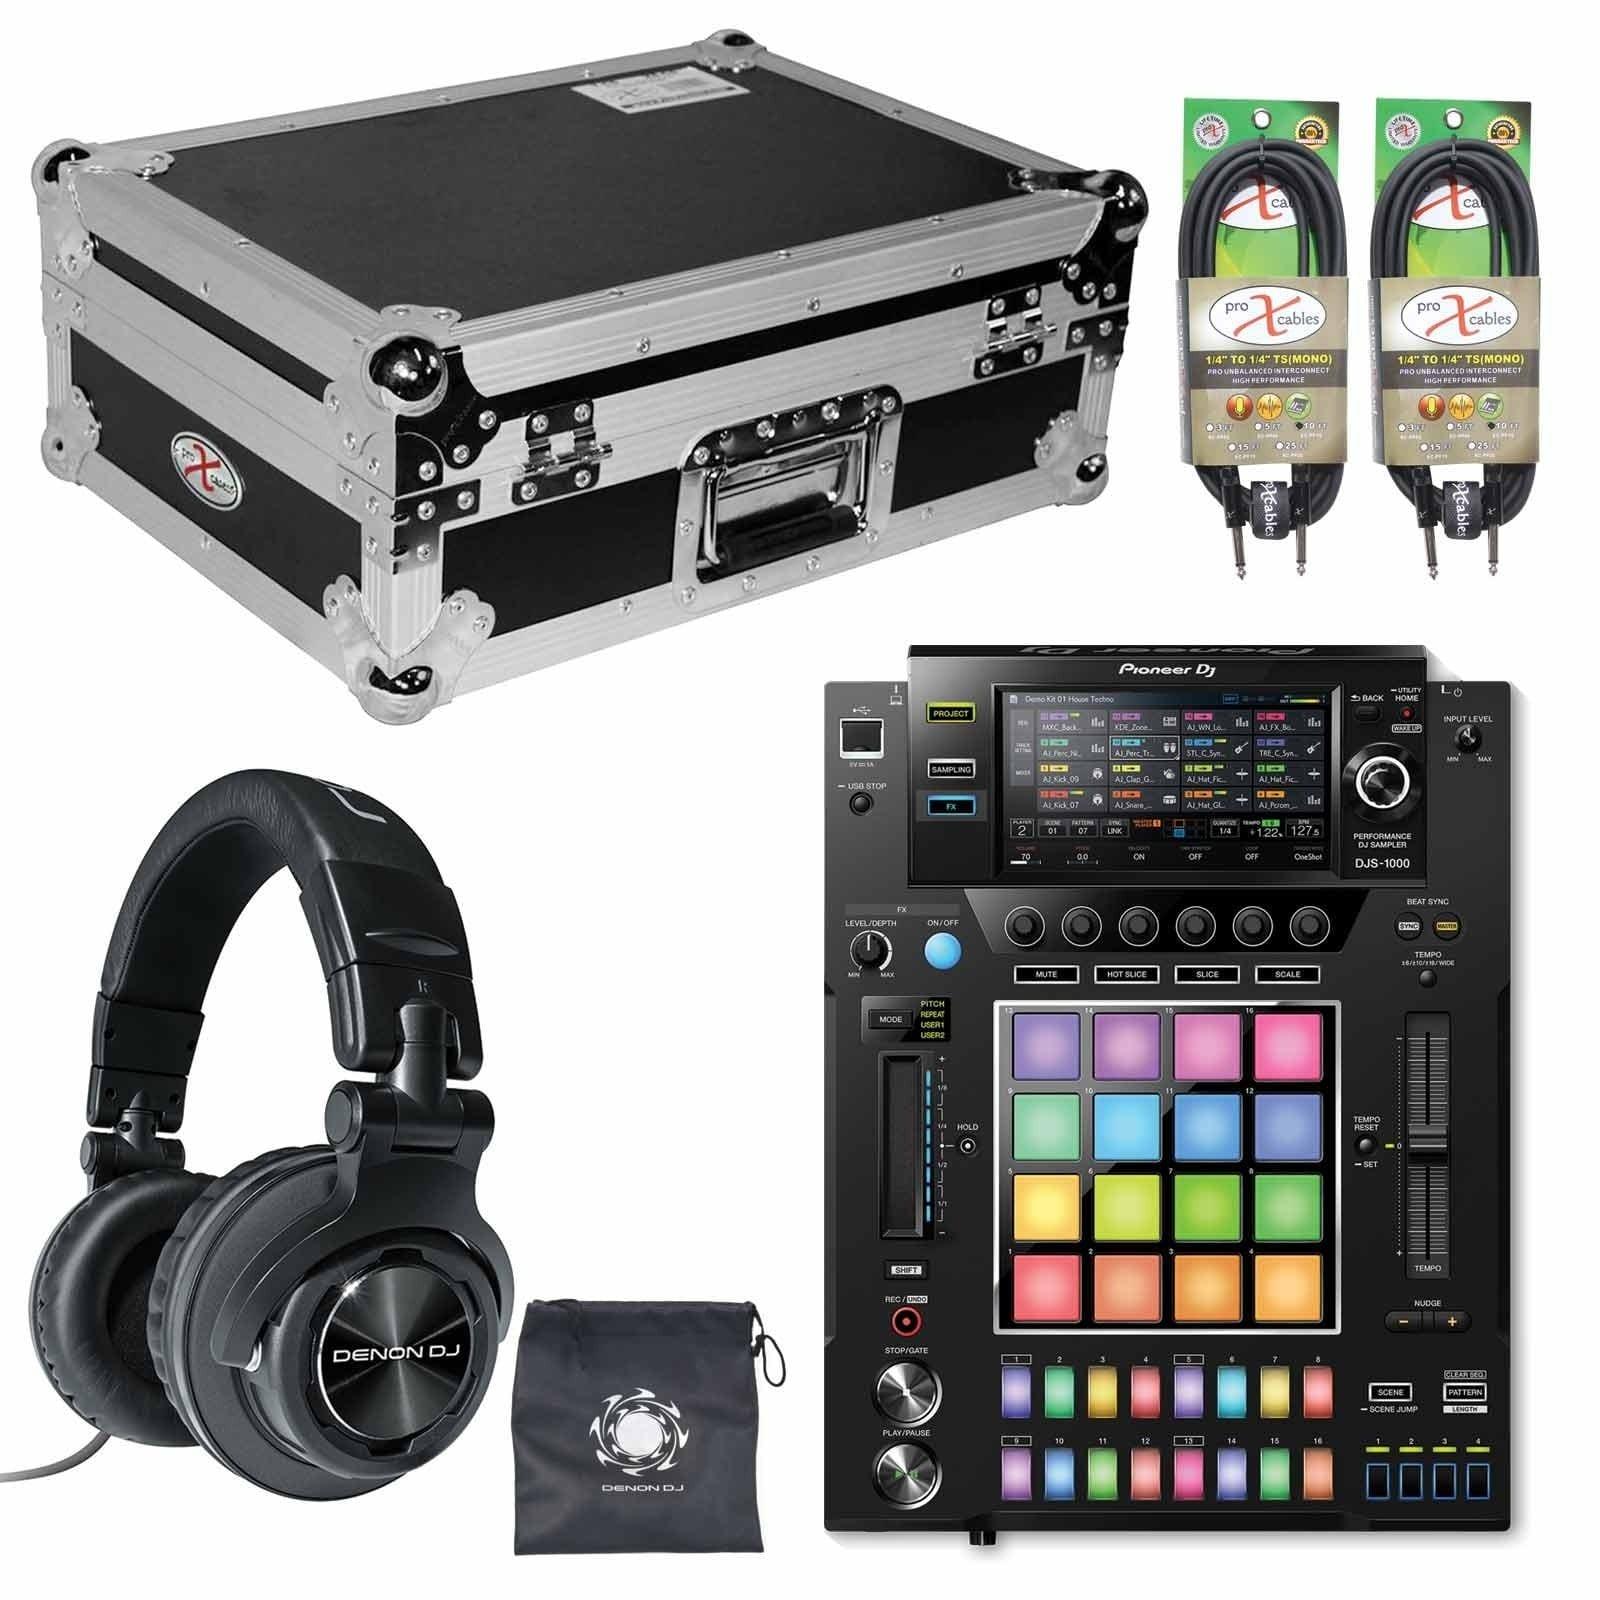 pioneer-dj-djs-1000-standalone-performance-dj-sampler-with-headphones-case-package-e27.jpg